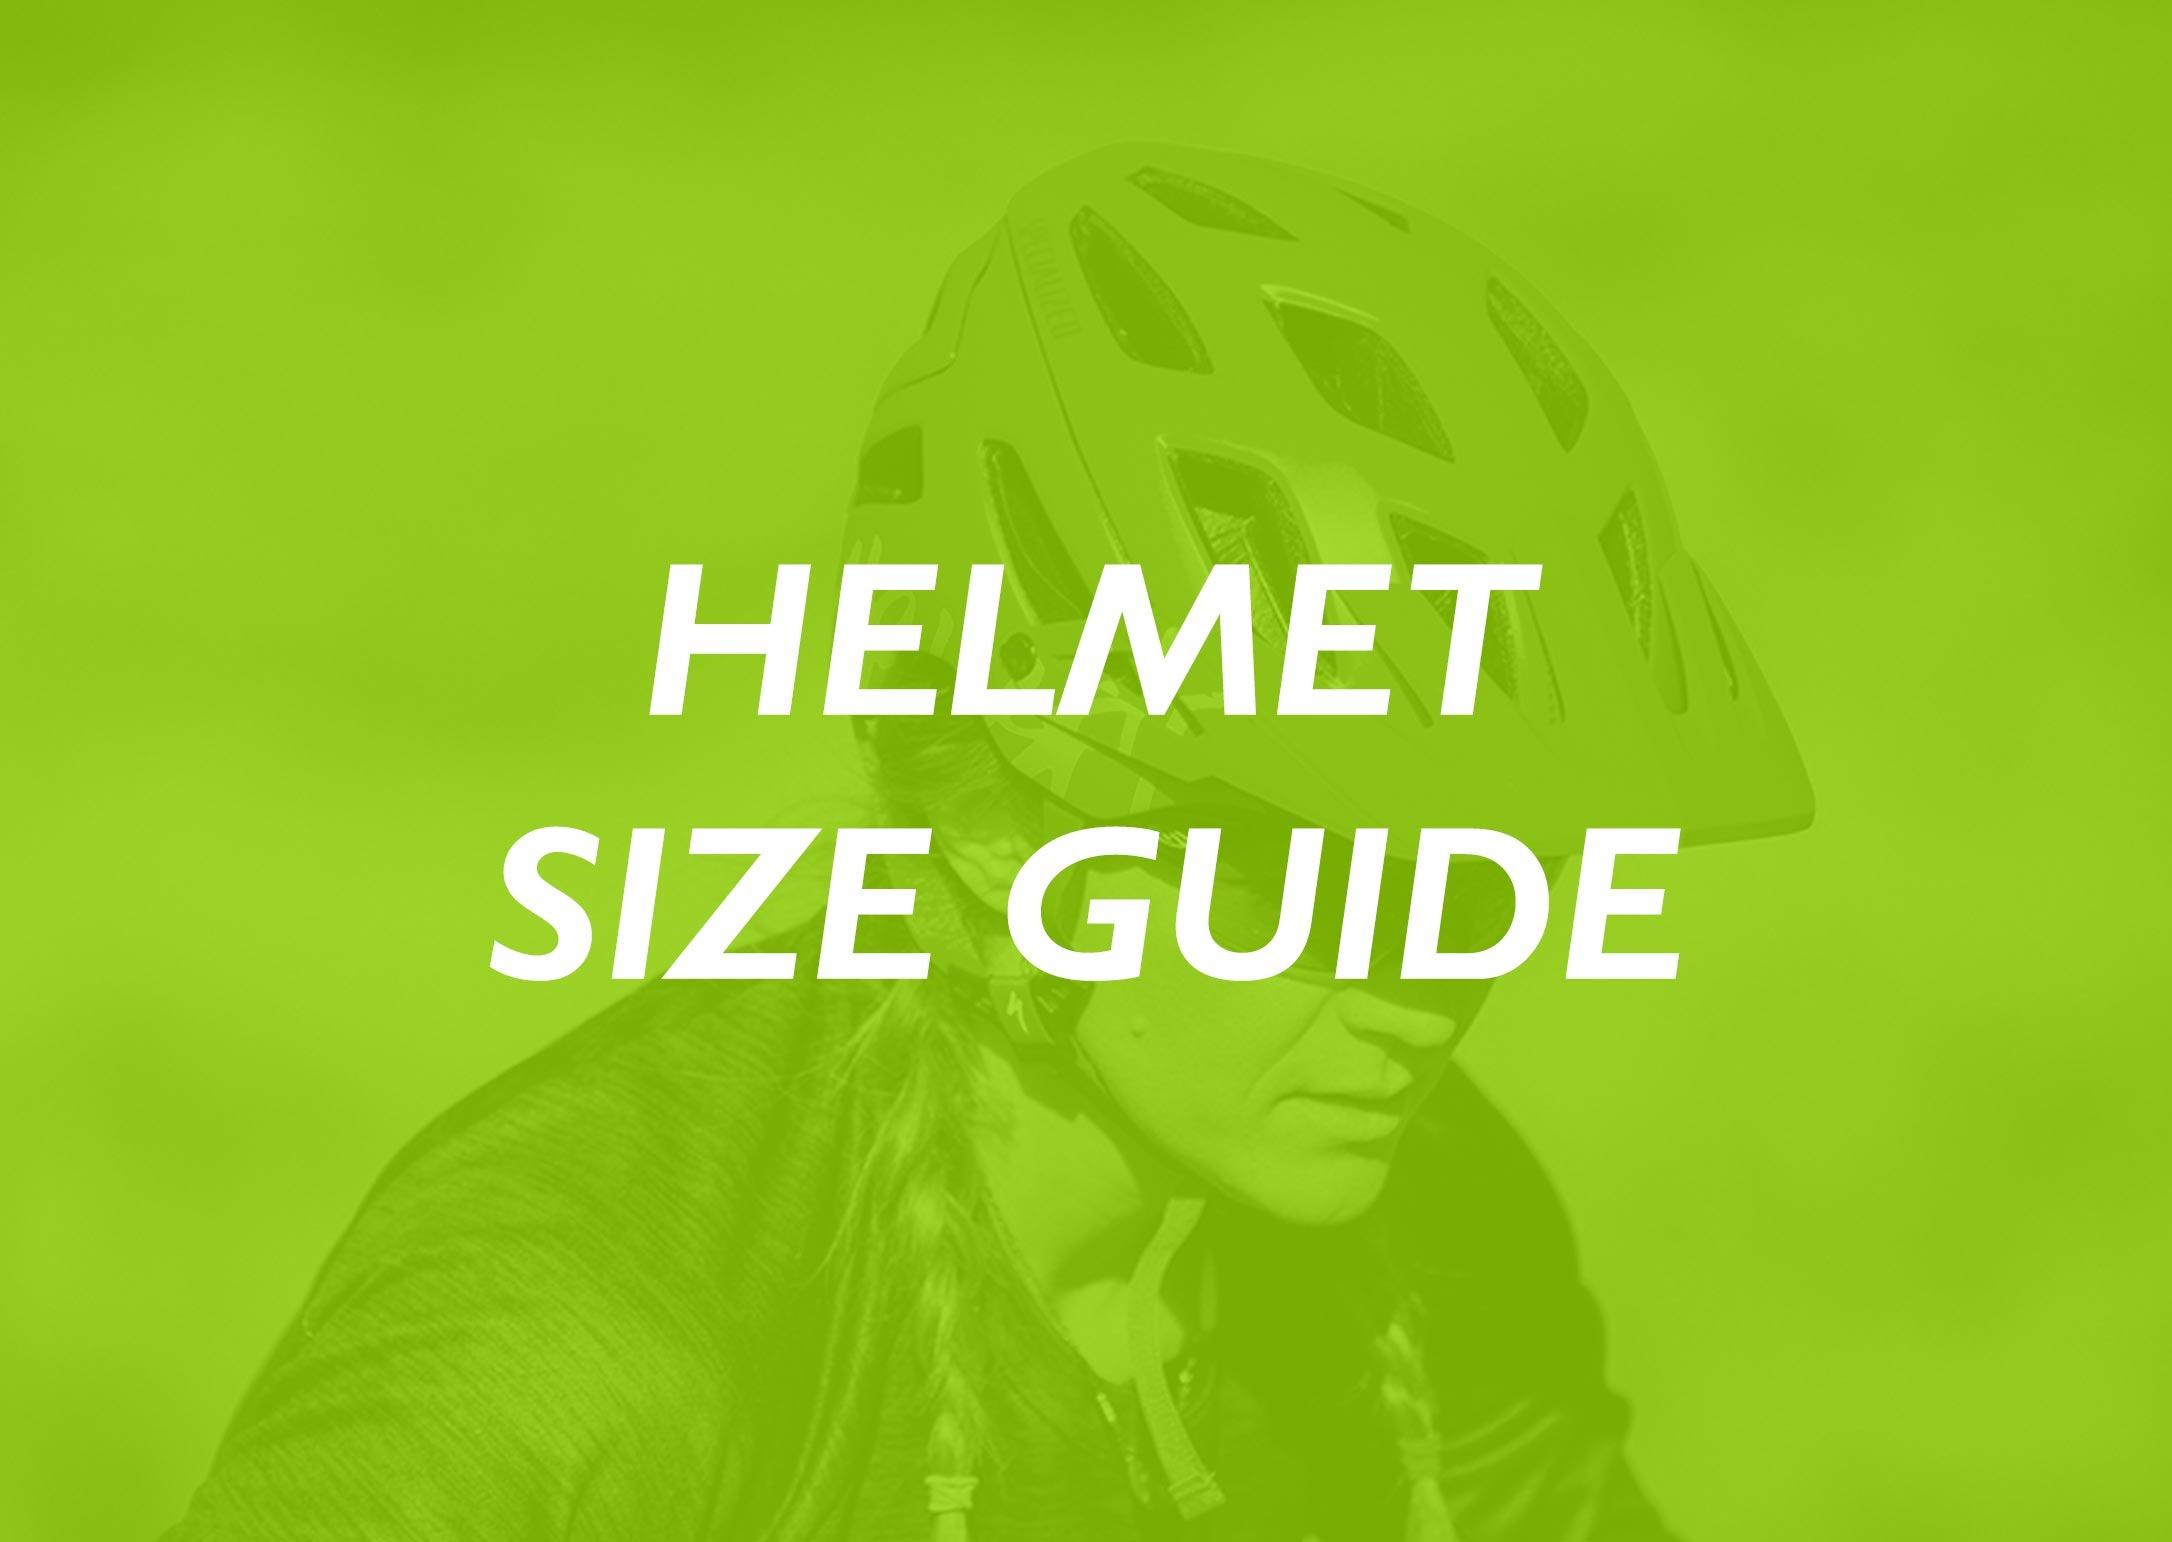 helmet-size-guide-tile